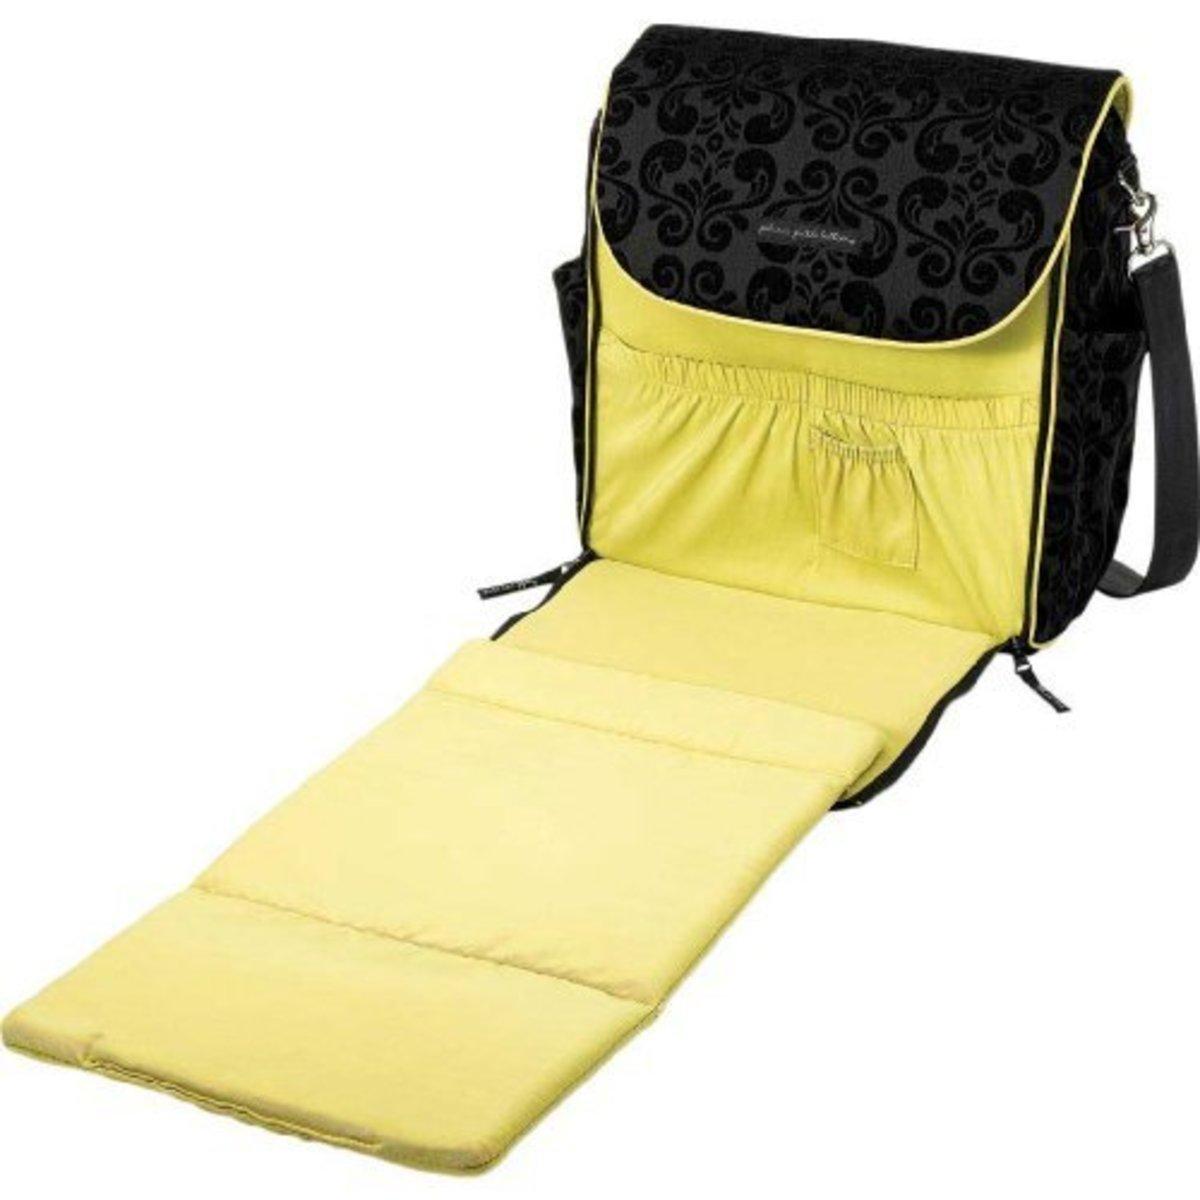 Petunia Pickle designer diaper backpack changing mat.